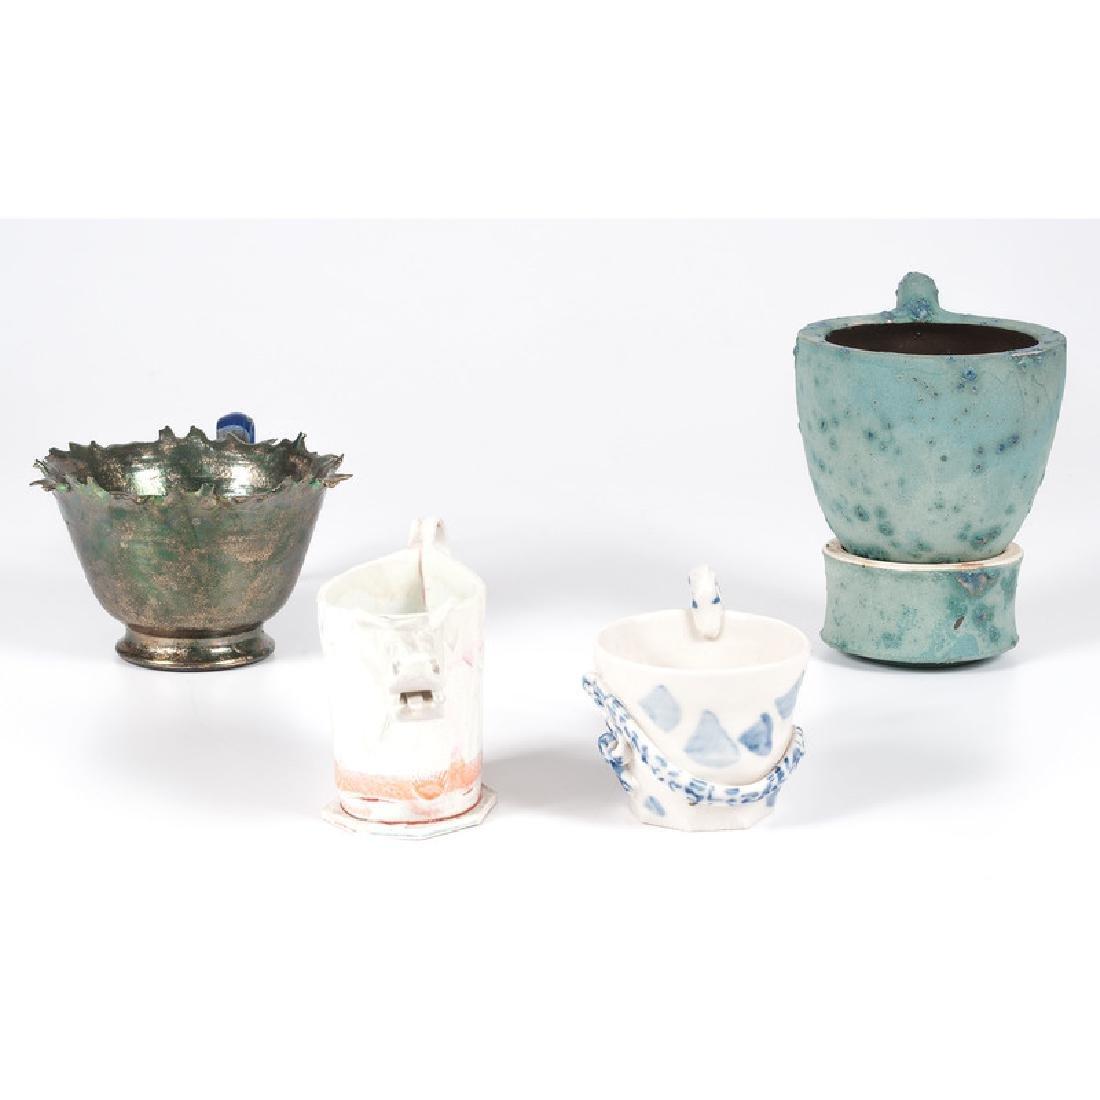 Four Contemporary Ceramic Cups - 2